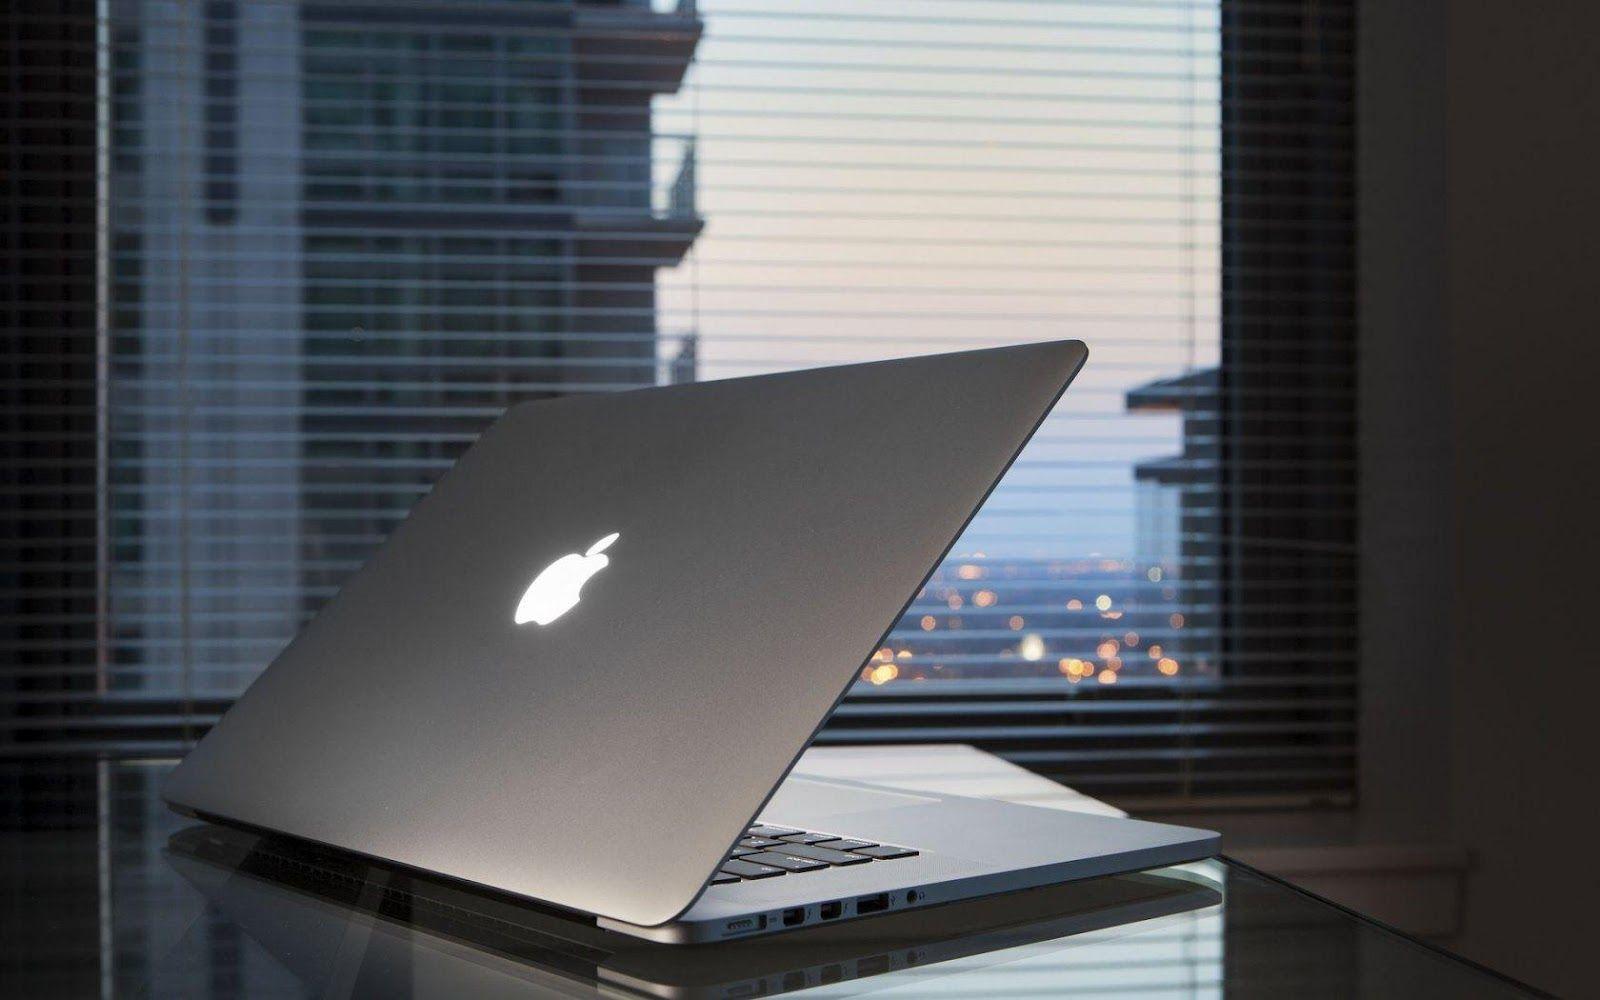 wallpaper Hd Wallpaper Macbook Pro Retina Wallpaper